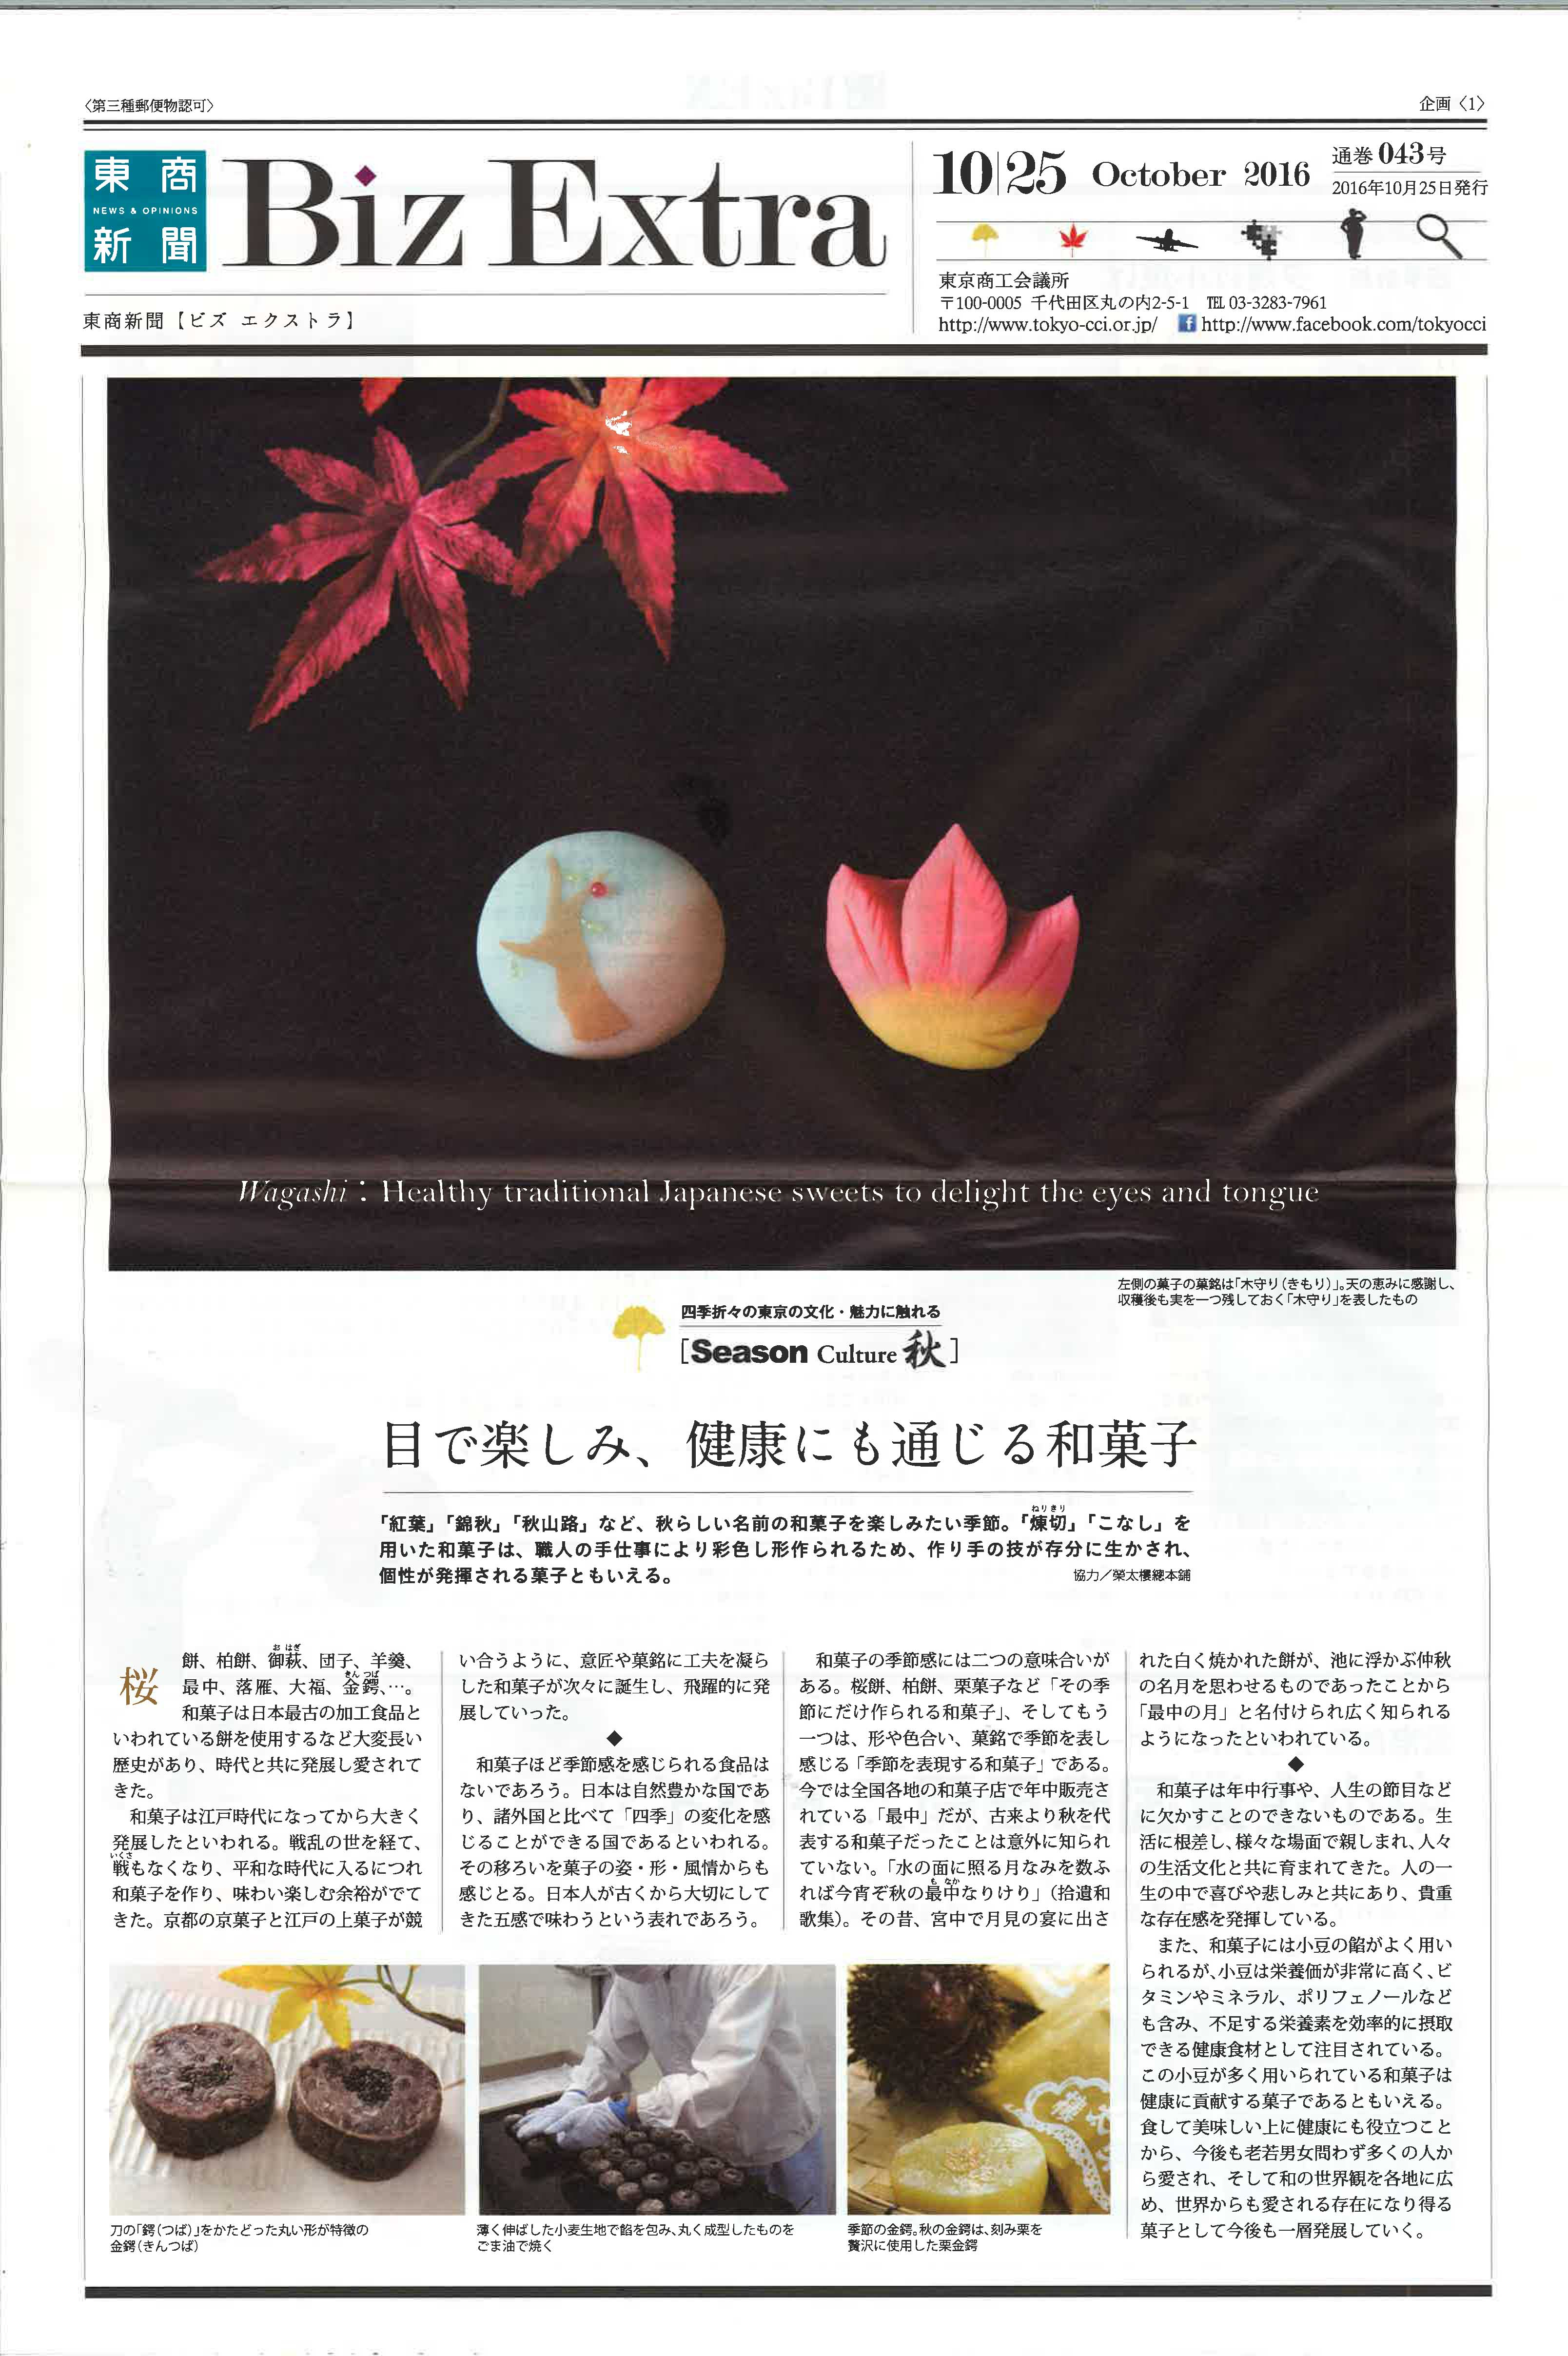 「東商新聞 Biz Extra」 October 2016 通巻043号